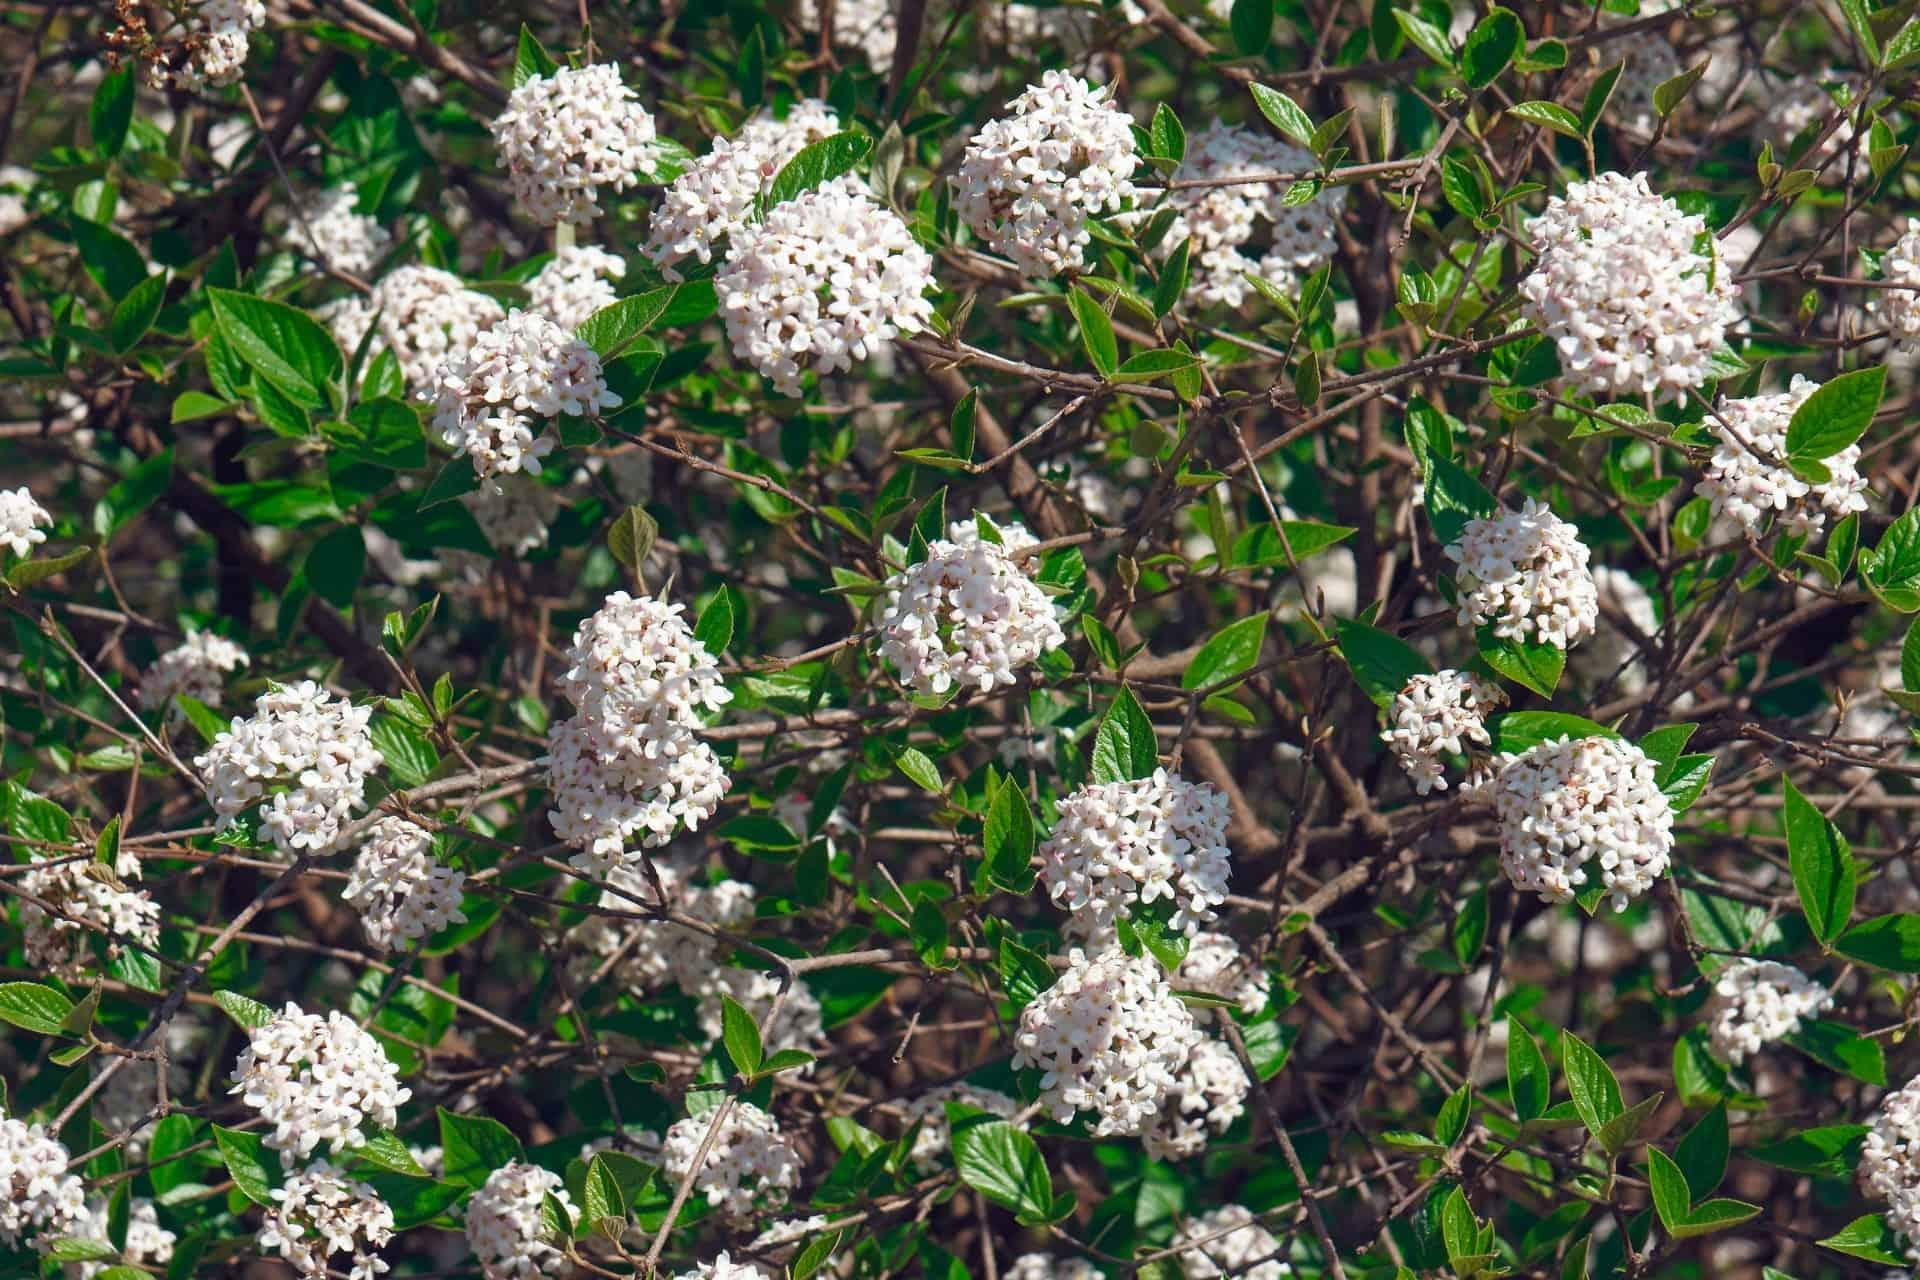 Arrowwood is a shrub that attracts wildlife.